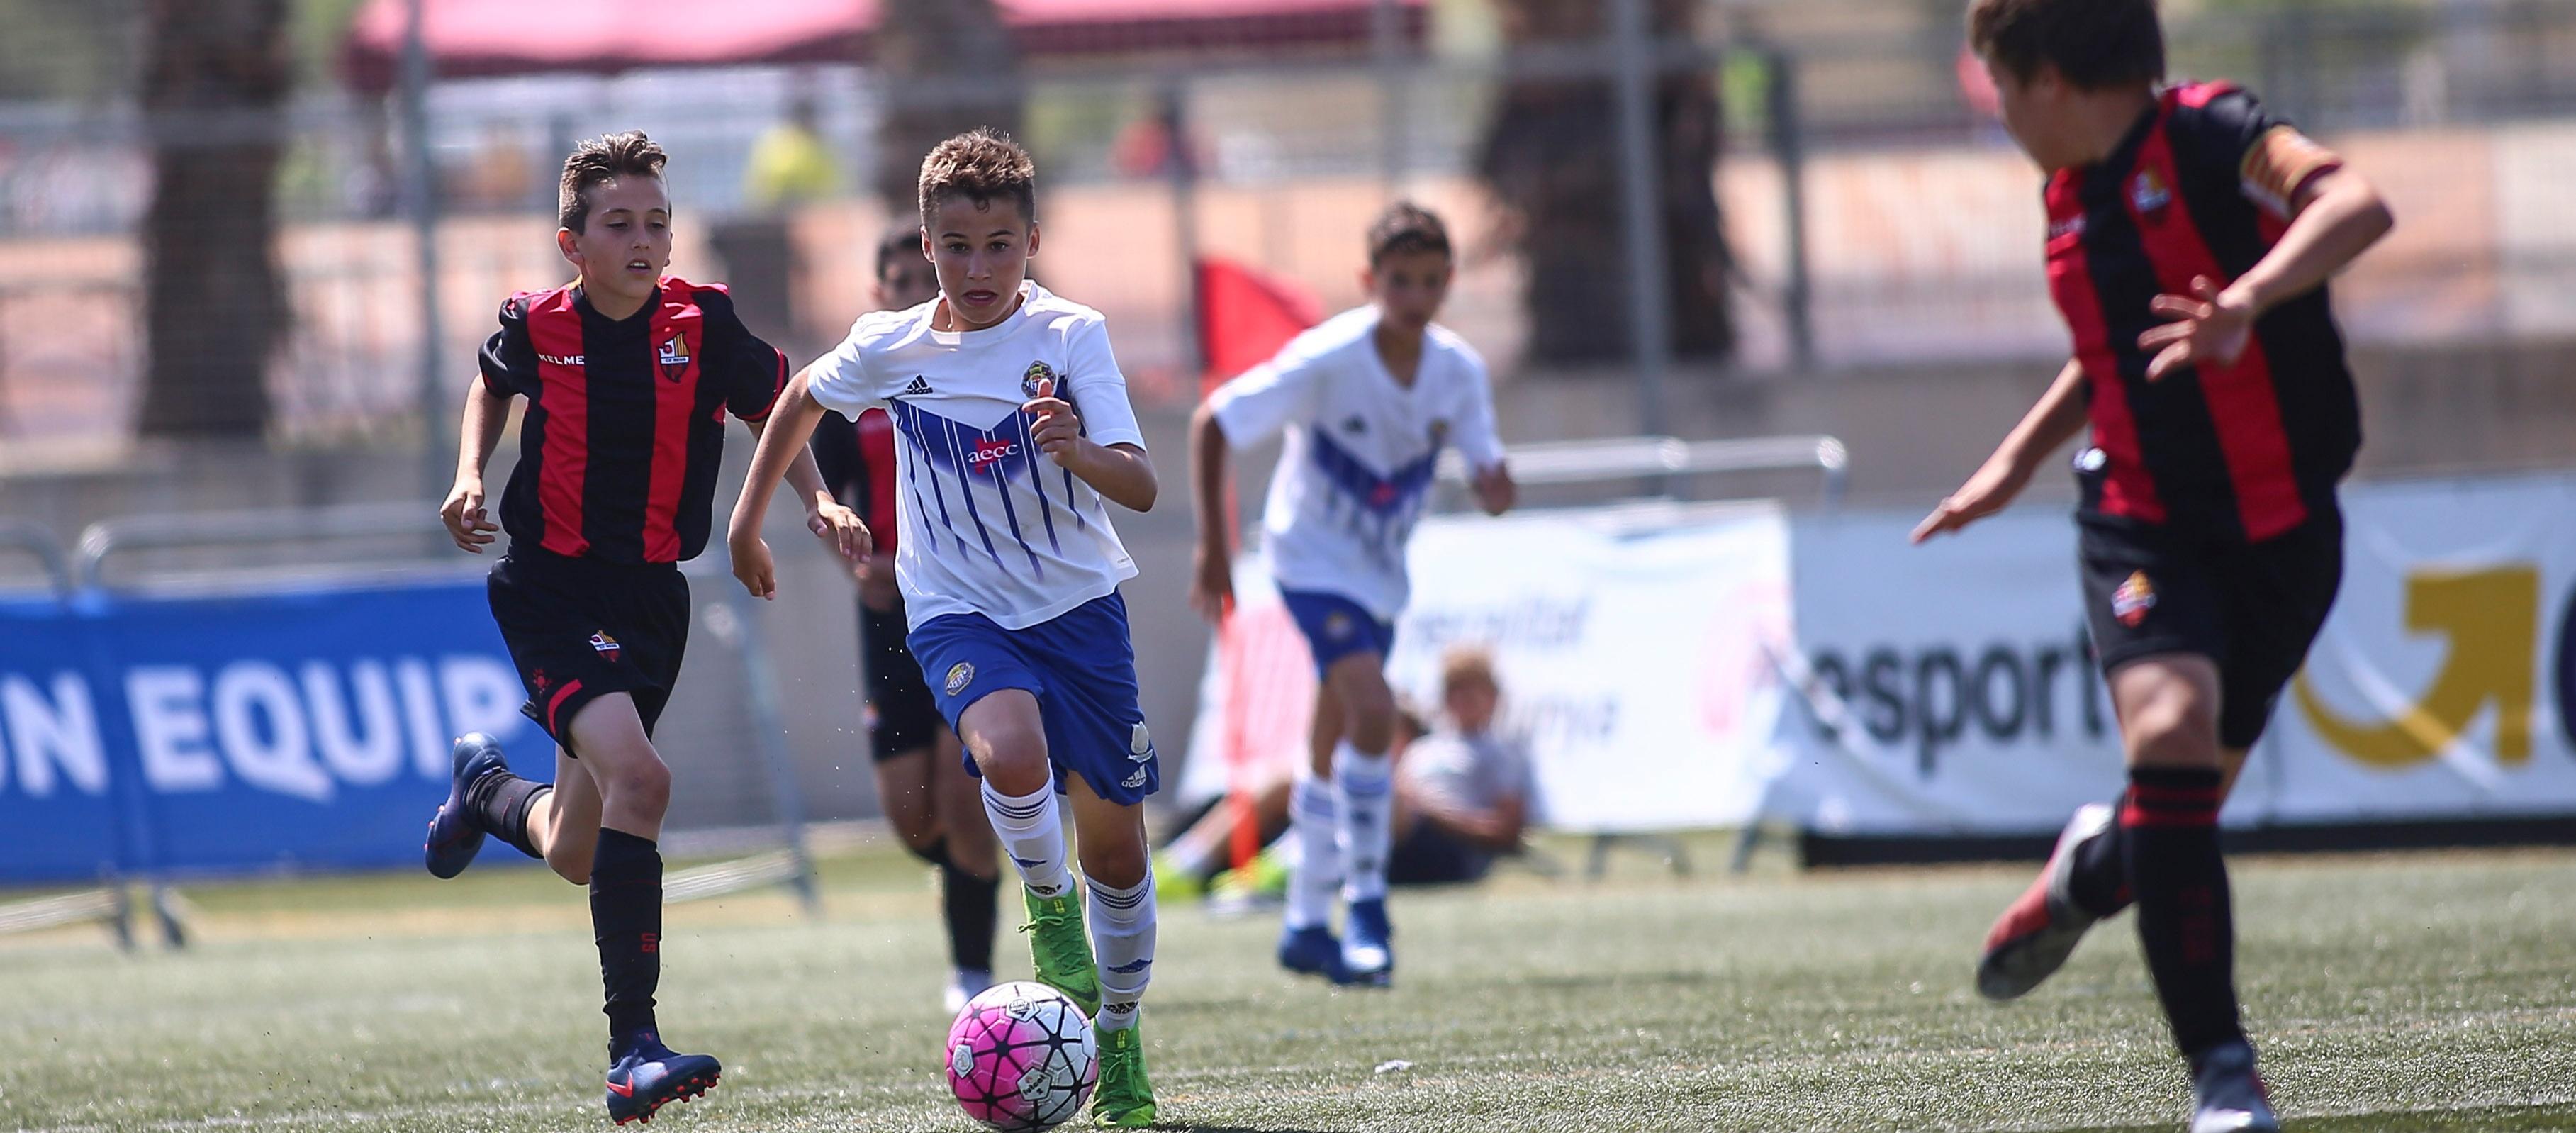 Els partits de Futbol 7 tindran una màxima diferència de 10 gols